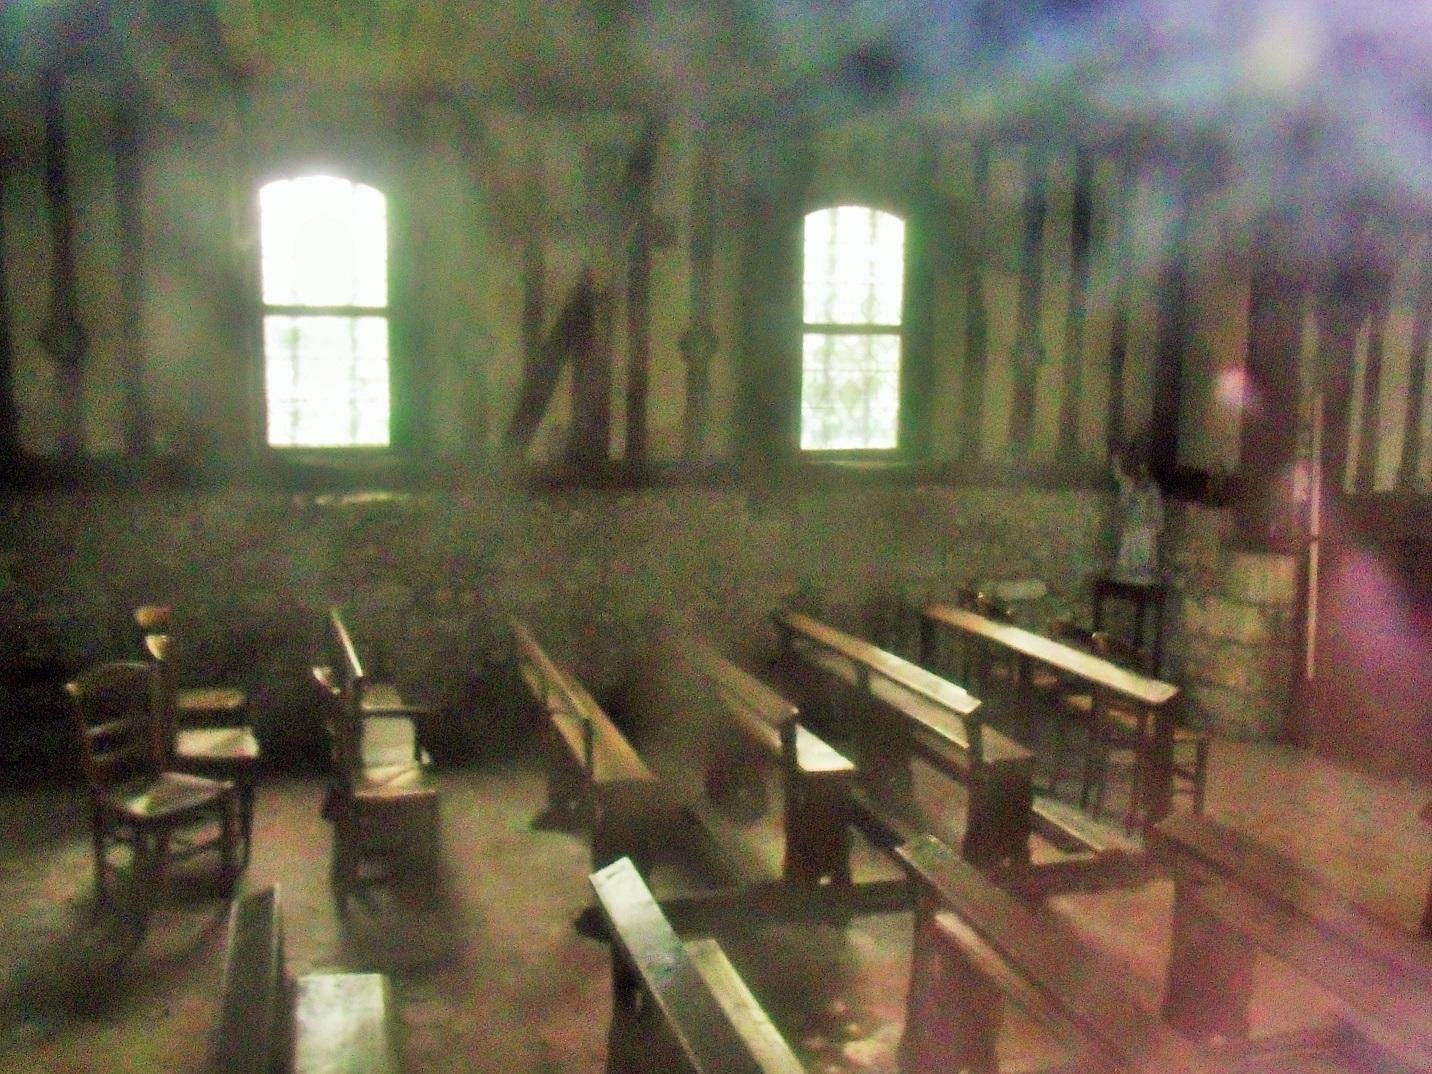 Chapelle Saint Vincent Normandy dusty interior